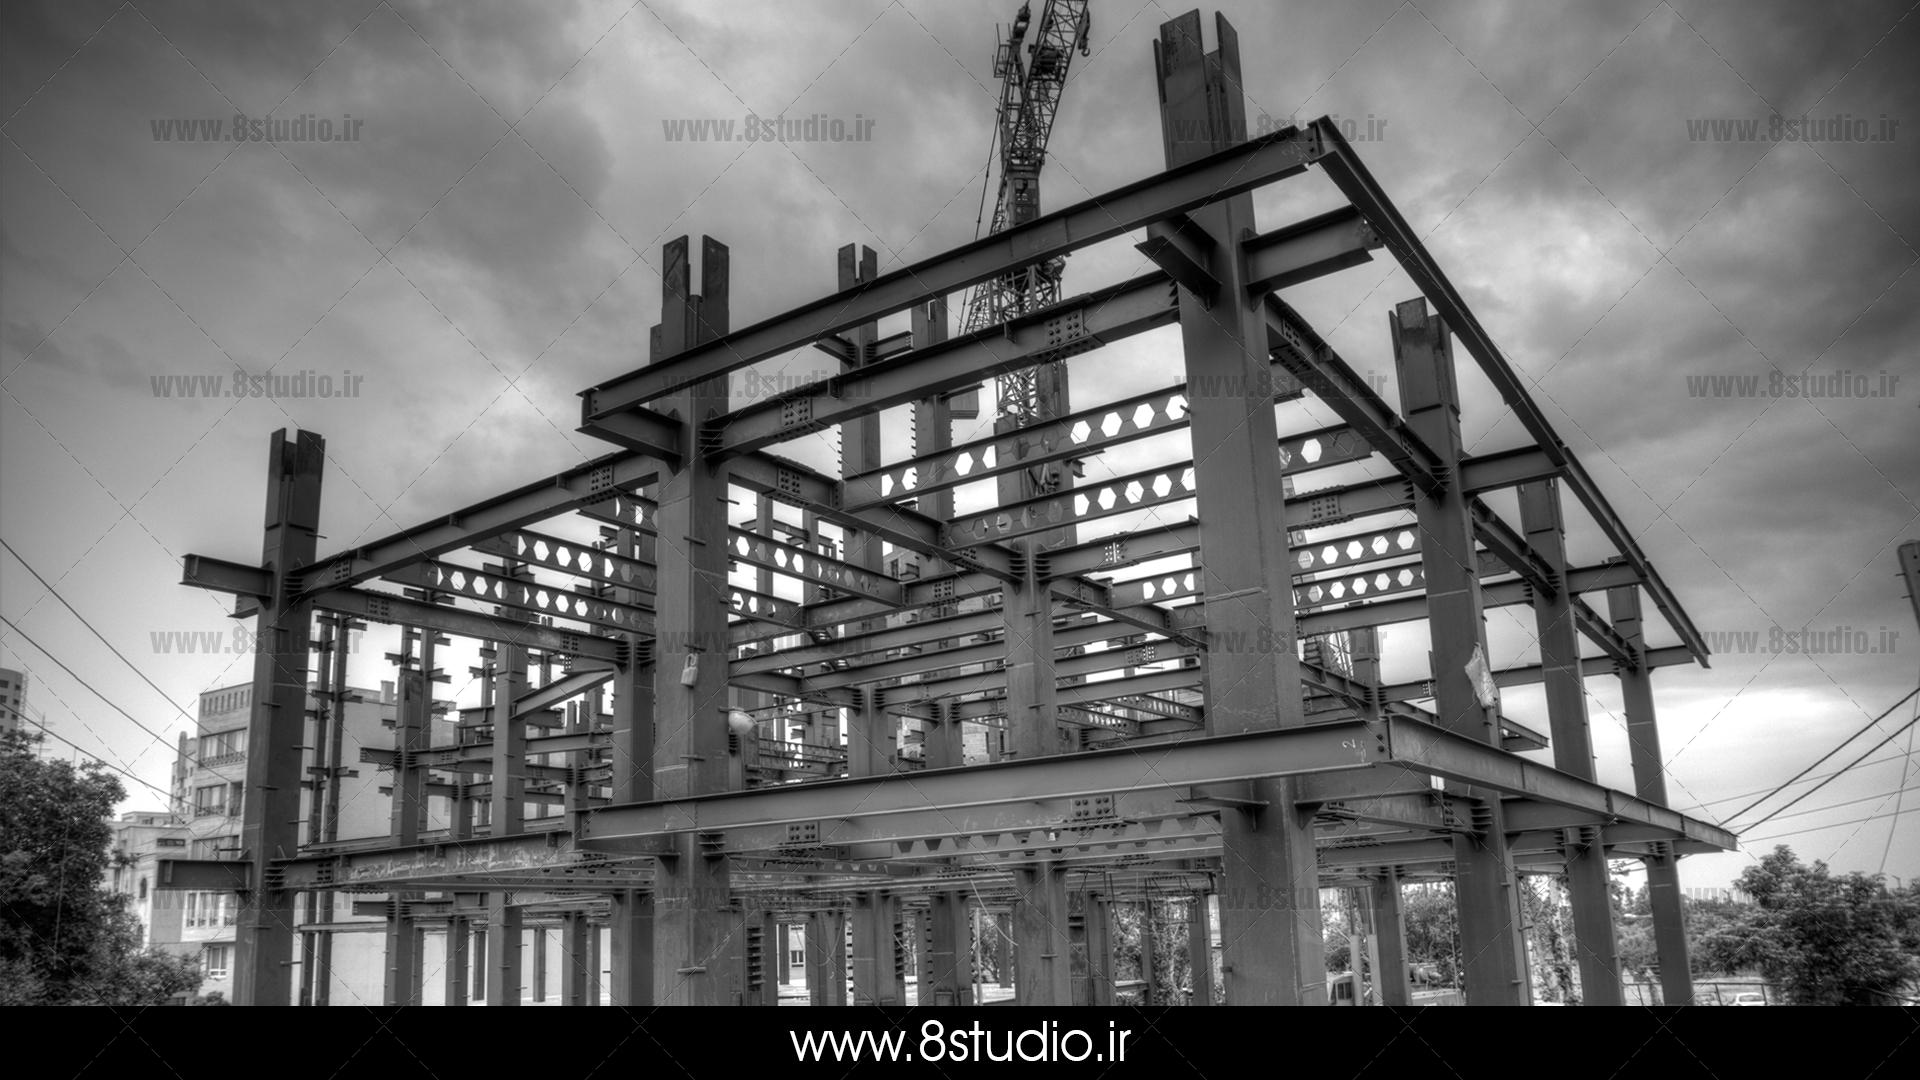 عكاسي پروژه آتی شهر سازه رام